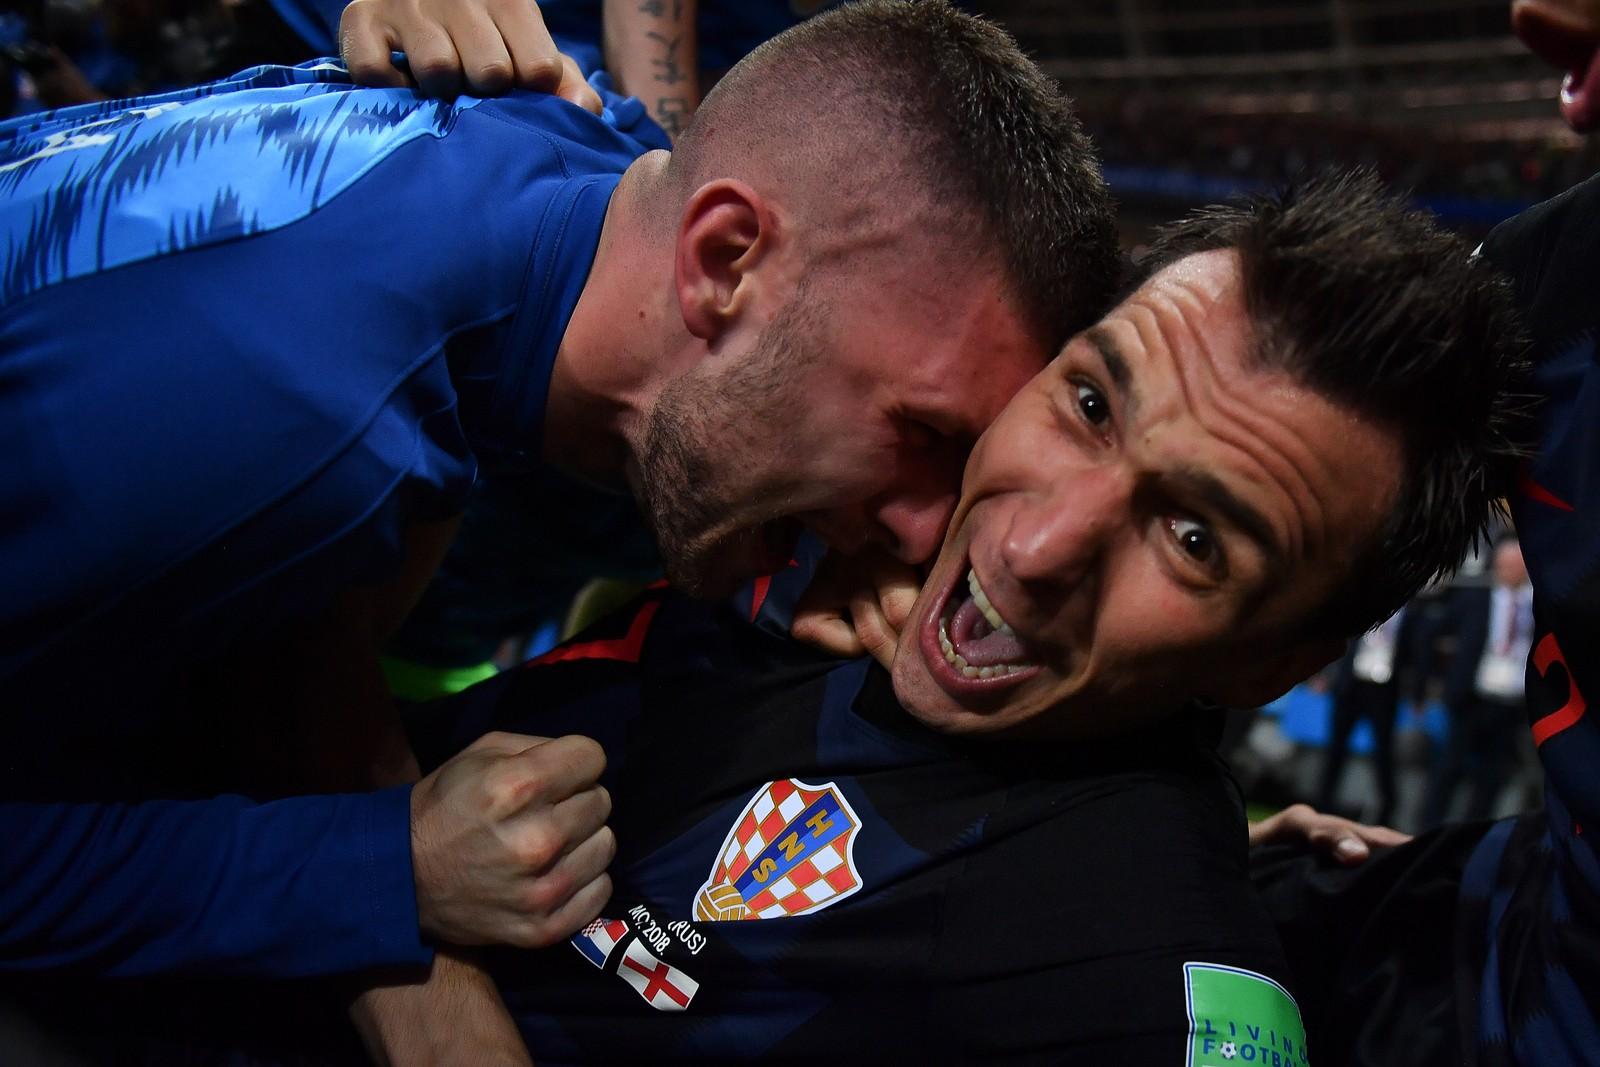 Những bức ảnh độc đáo của đội tuyển Croatia sau bàn thắng quyết định bán kết World Cup 2018 | 50mm Vietnam